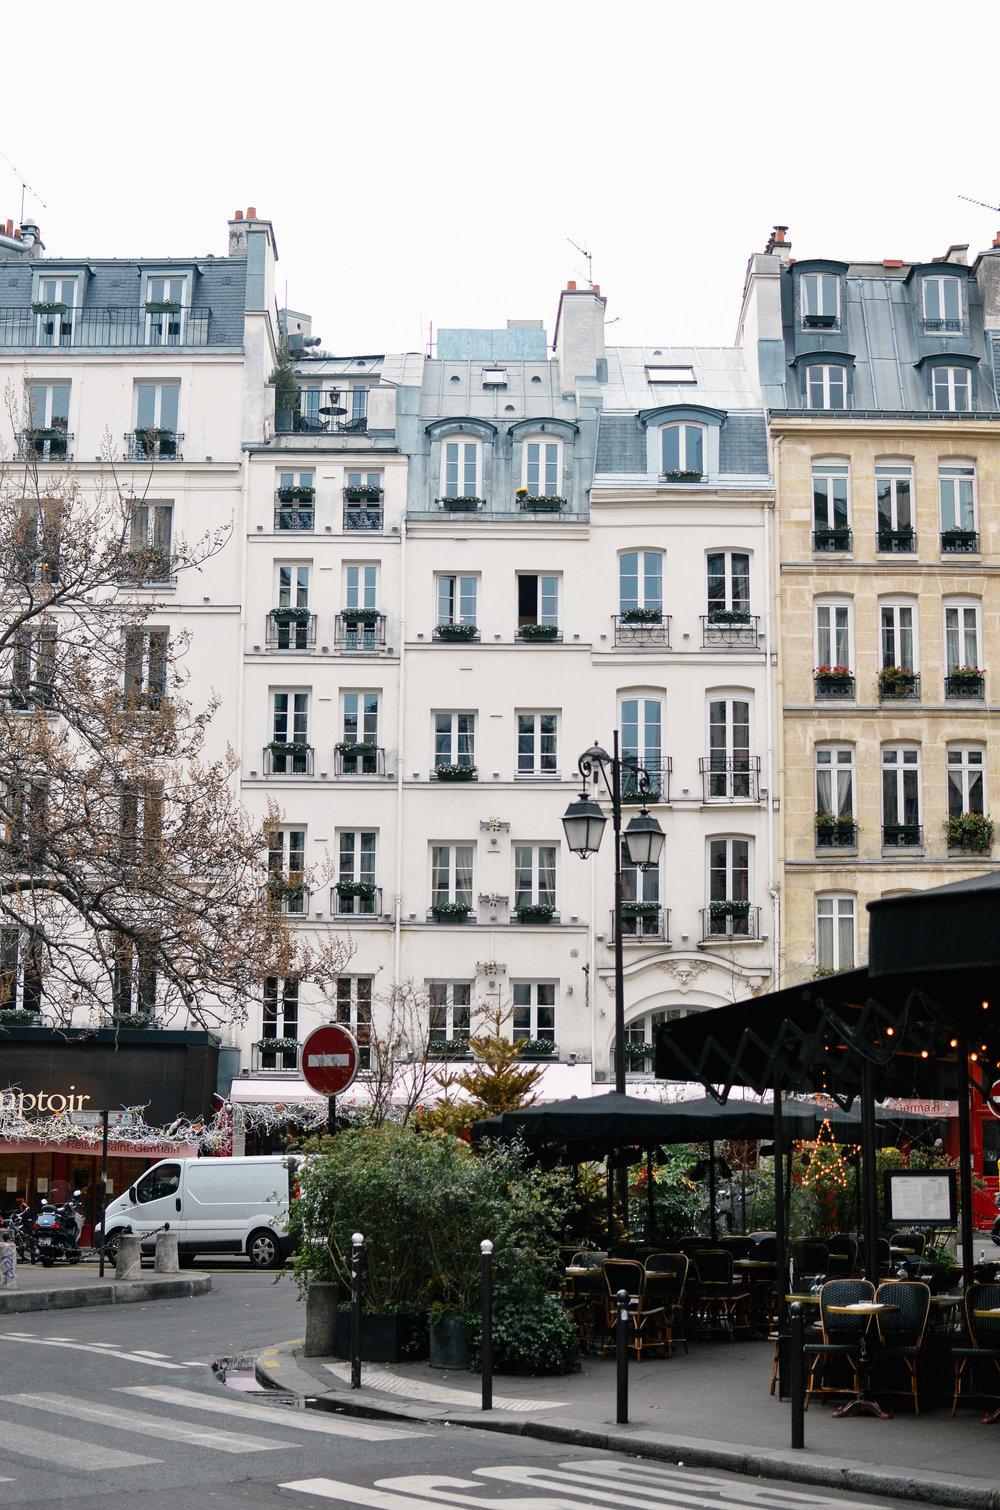 paris-france-travel-guide-lifeonpine_DSC_0510.jpg